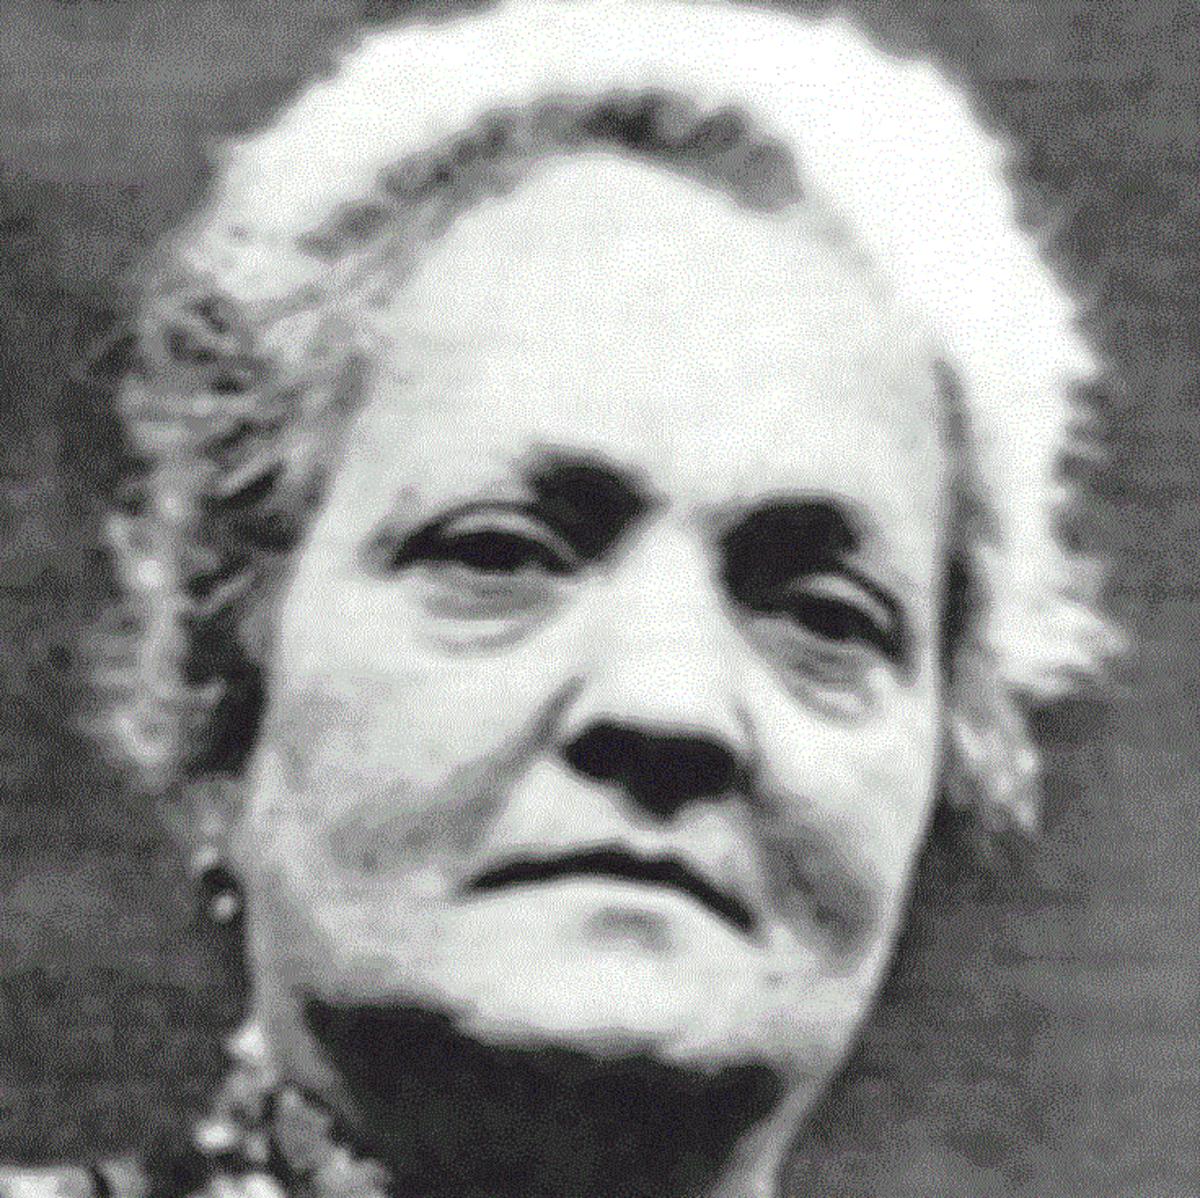 A Seance with Eusapia Palladino